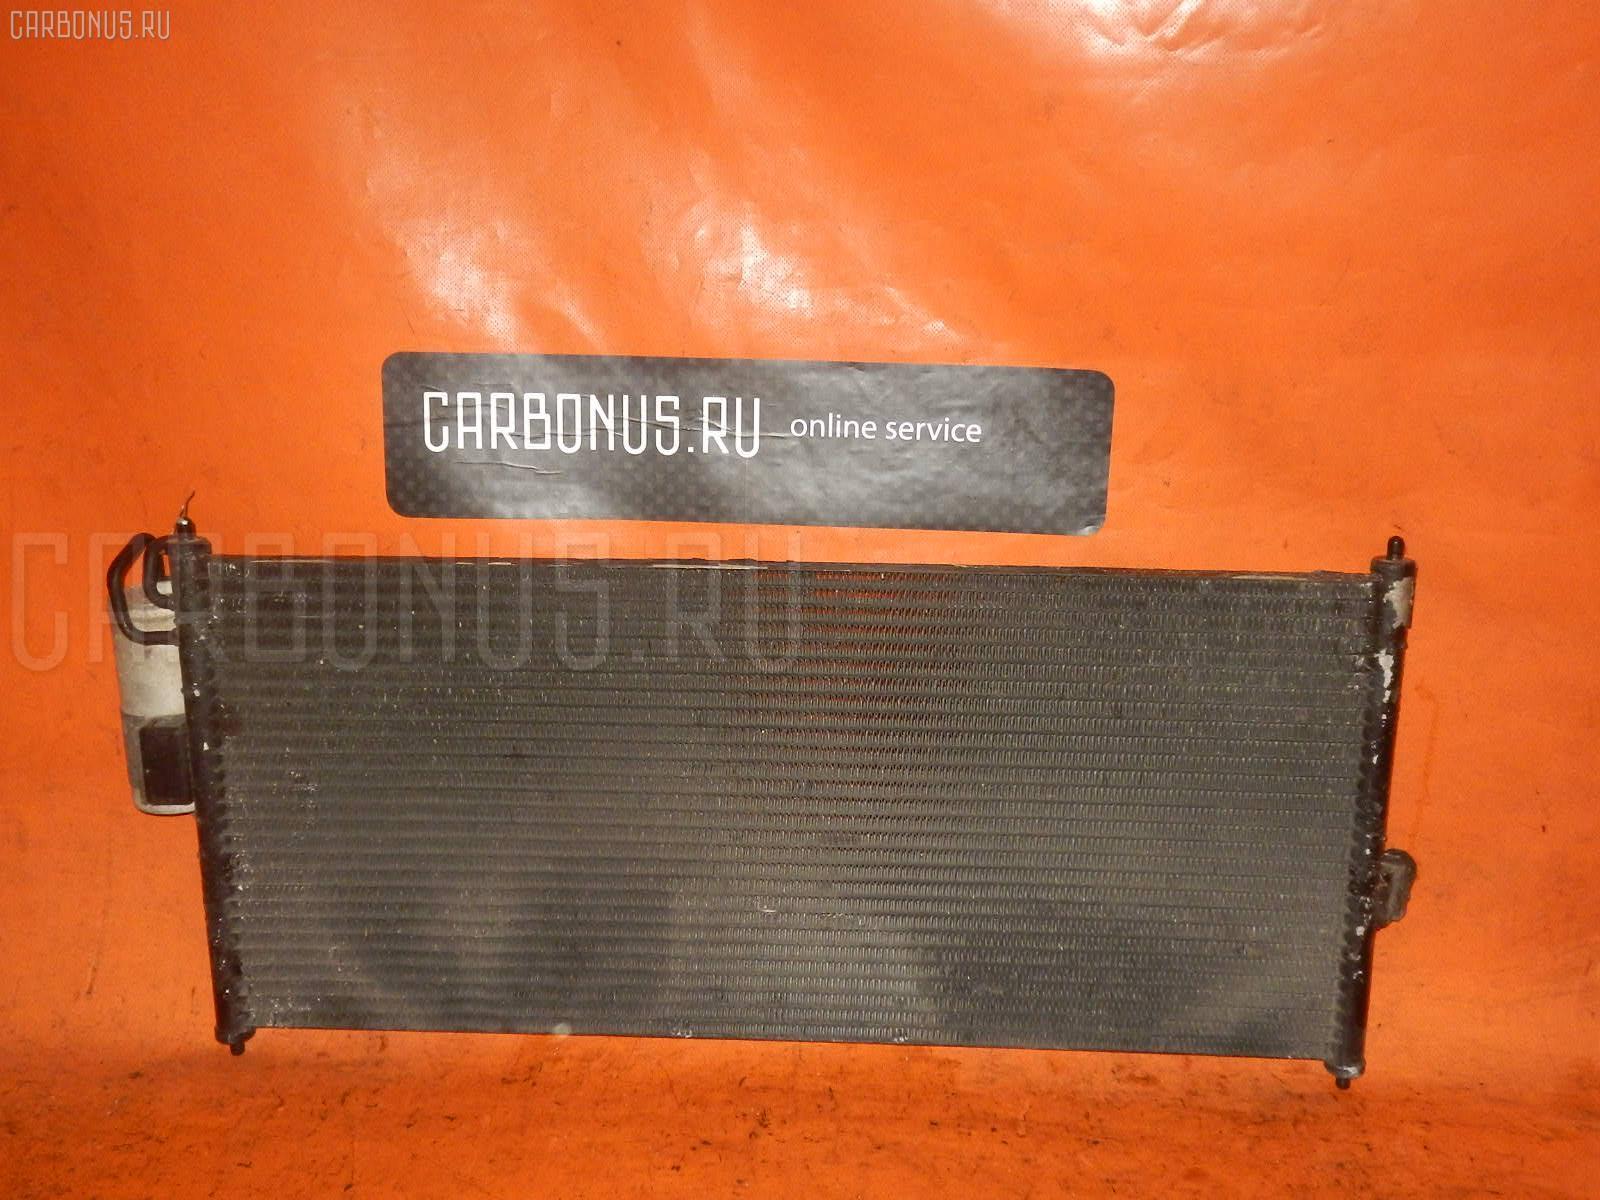 Радиатор кондиционера NISSAN SUNNY B15 QG13DE Фото 1